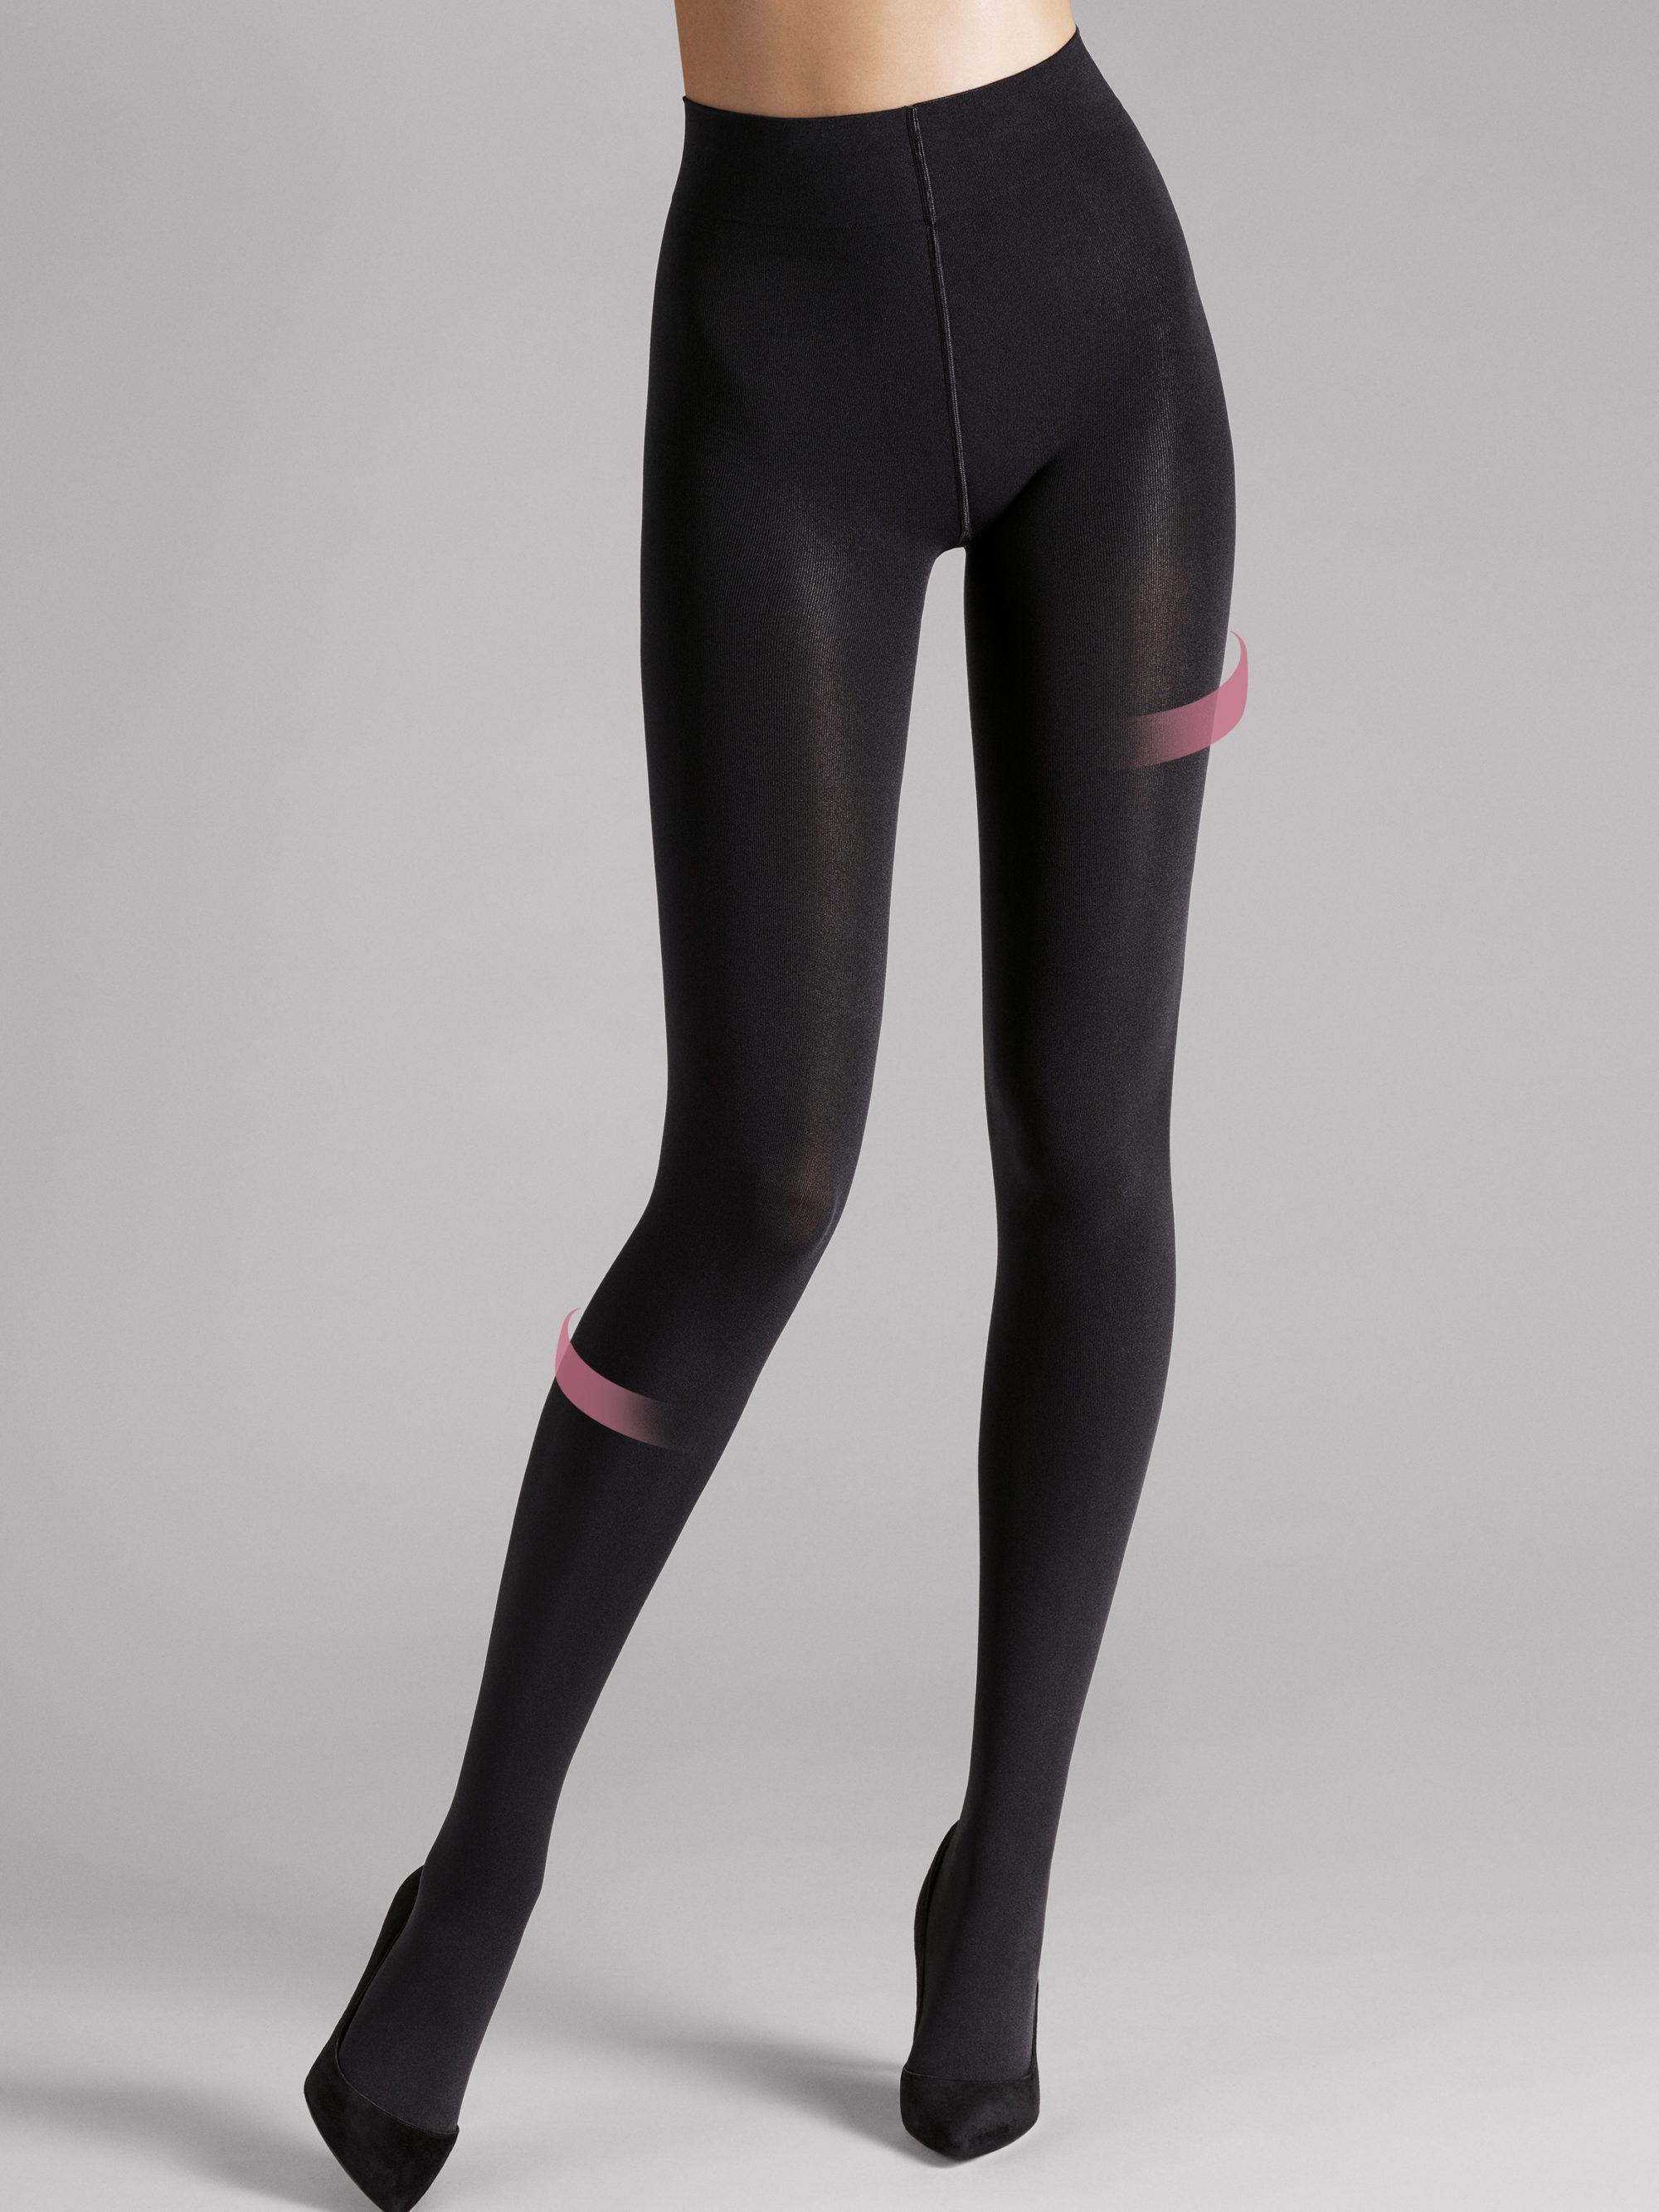 Wolford Individual 100 tights